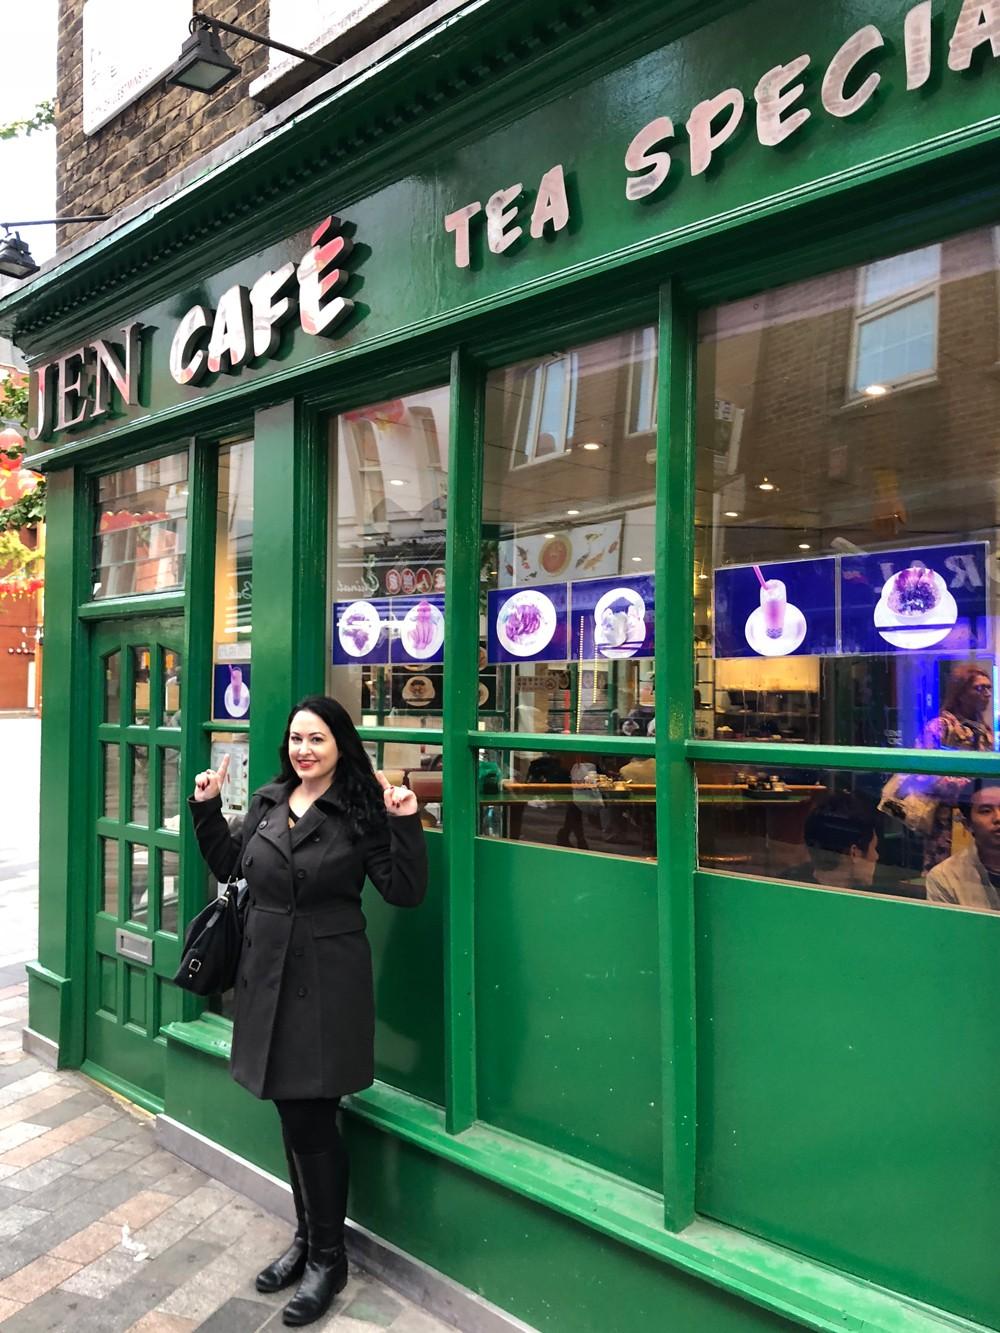 Jen Cafe - London Chinatown